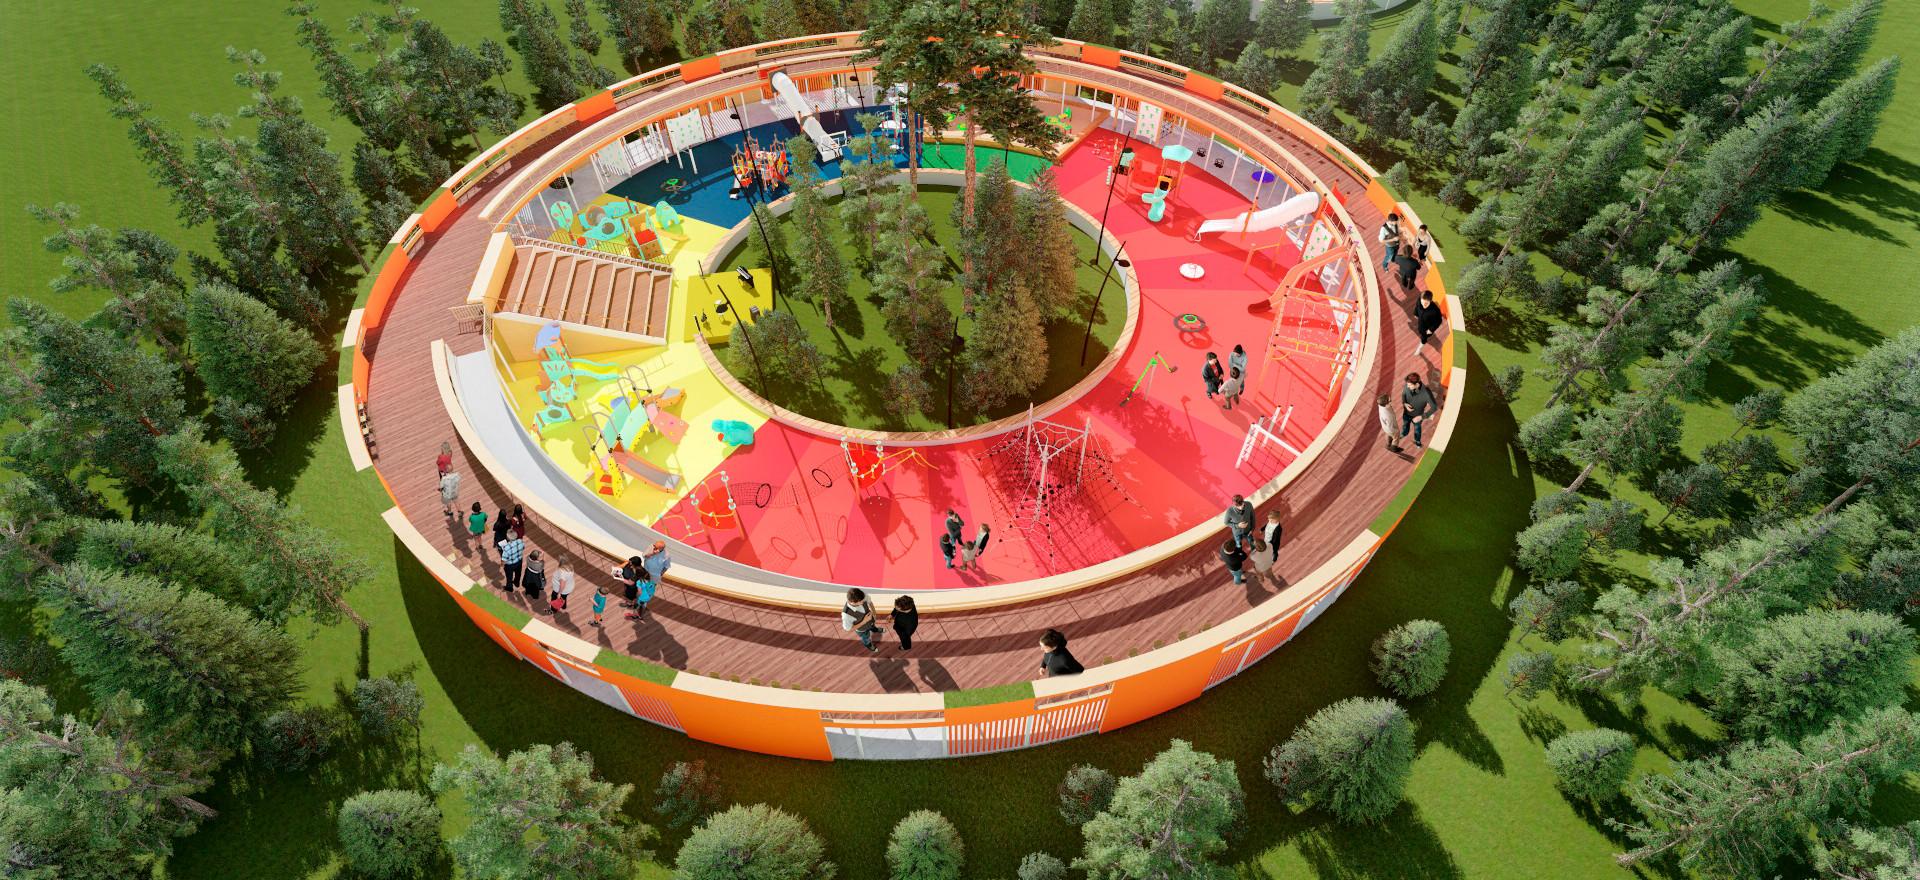 Уникальный развлекательный объект в парке